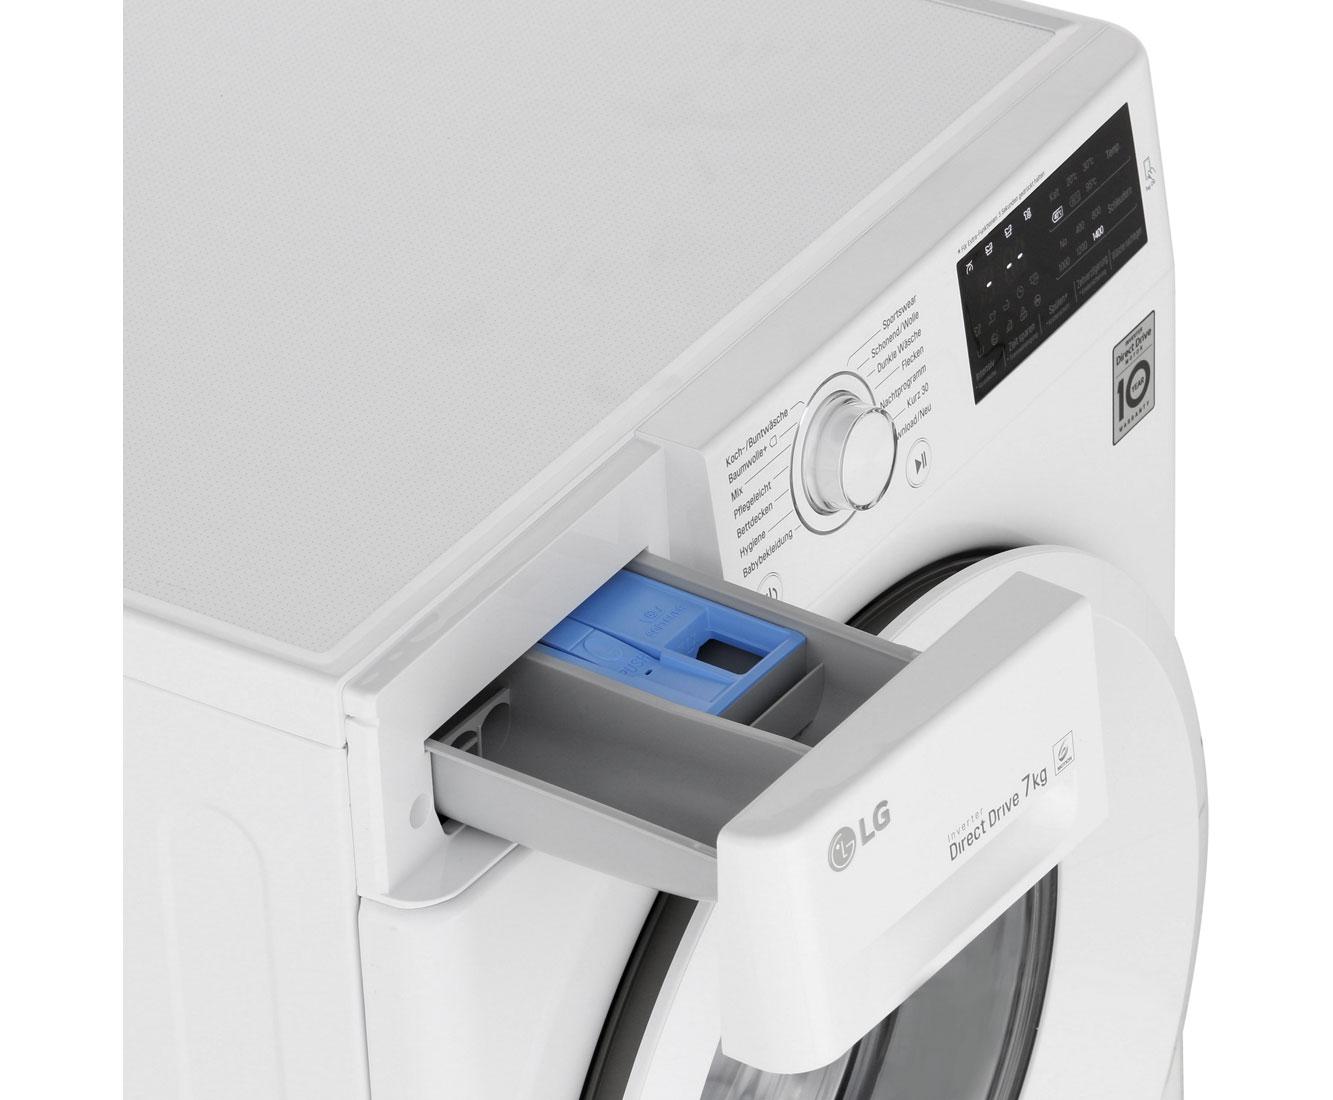 Inverter DirectDrive Smart Di A+++ Waschmaschine LG F14WM7EN0 7kg 1400 U//min